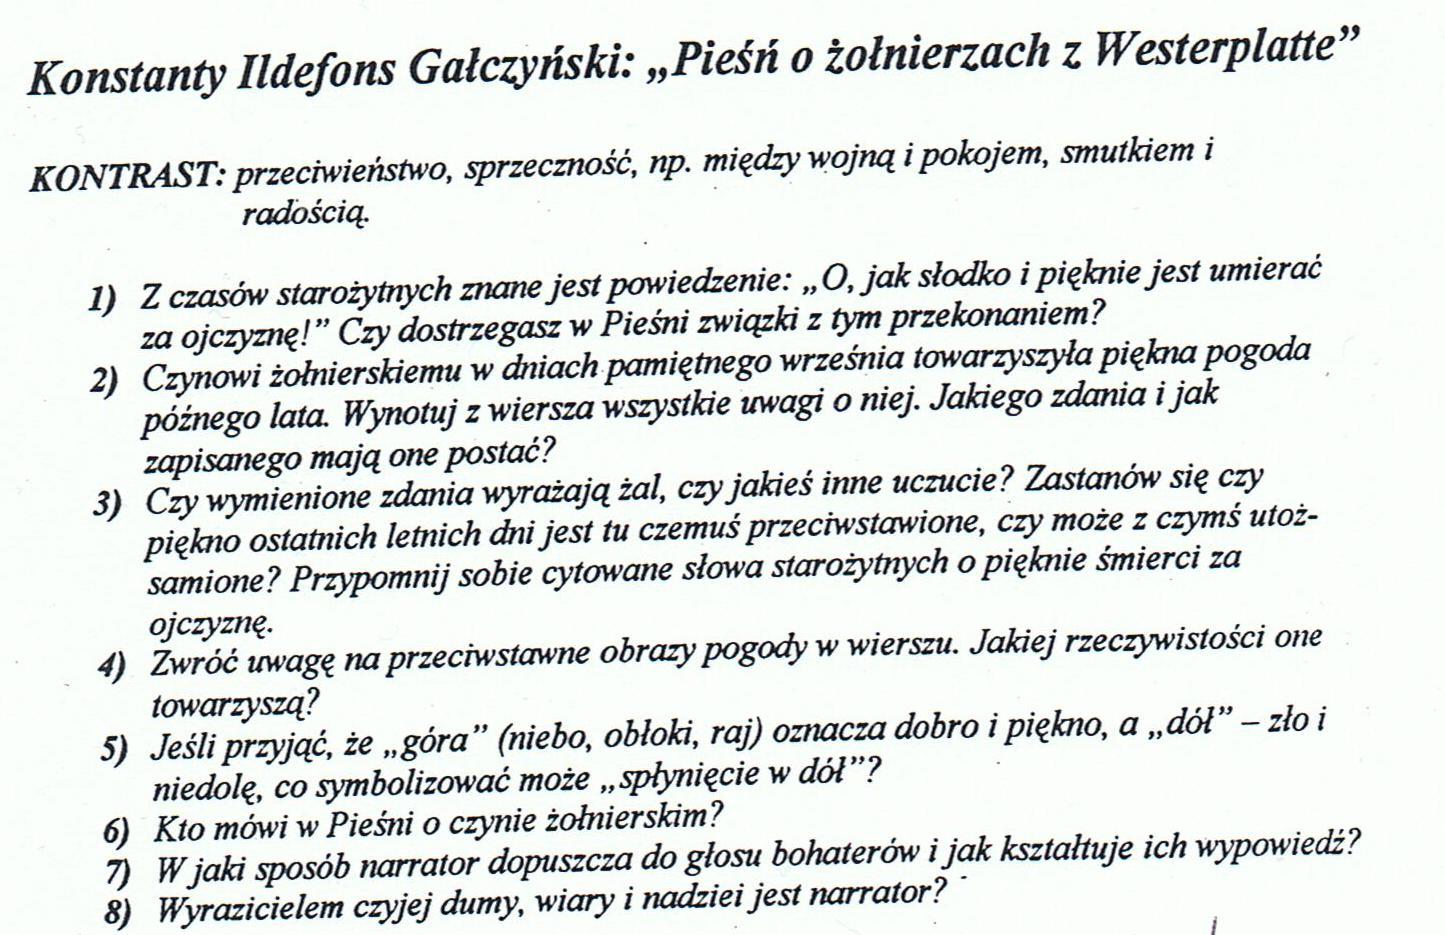 Pieśń O żołnierzach Z Westerplatte Odpowiedz Na Pytania